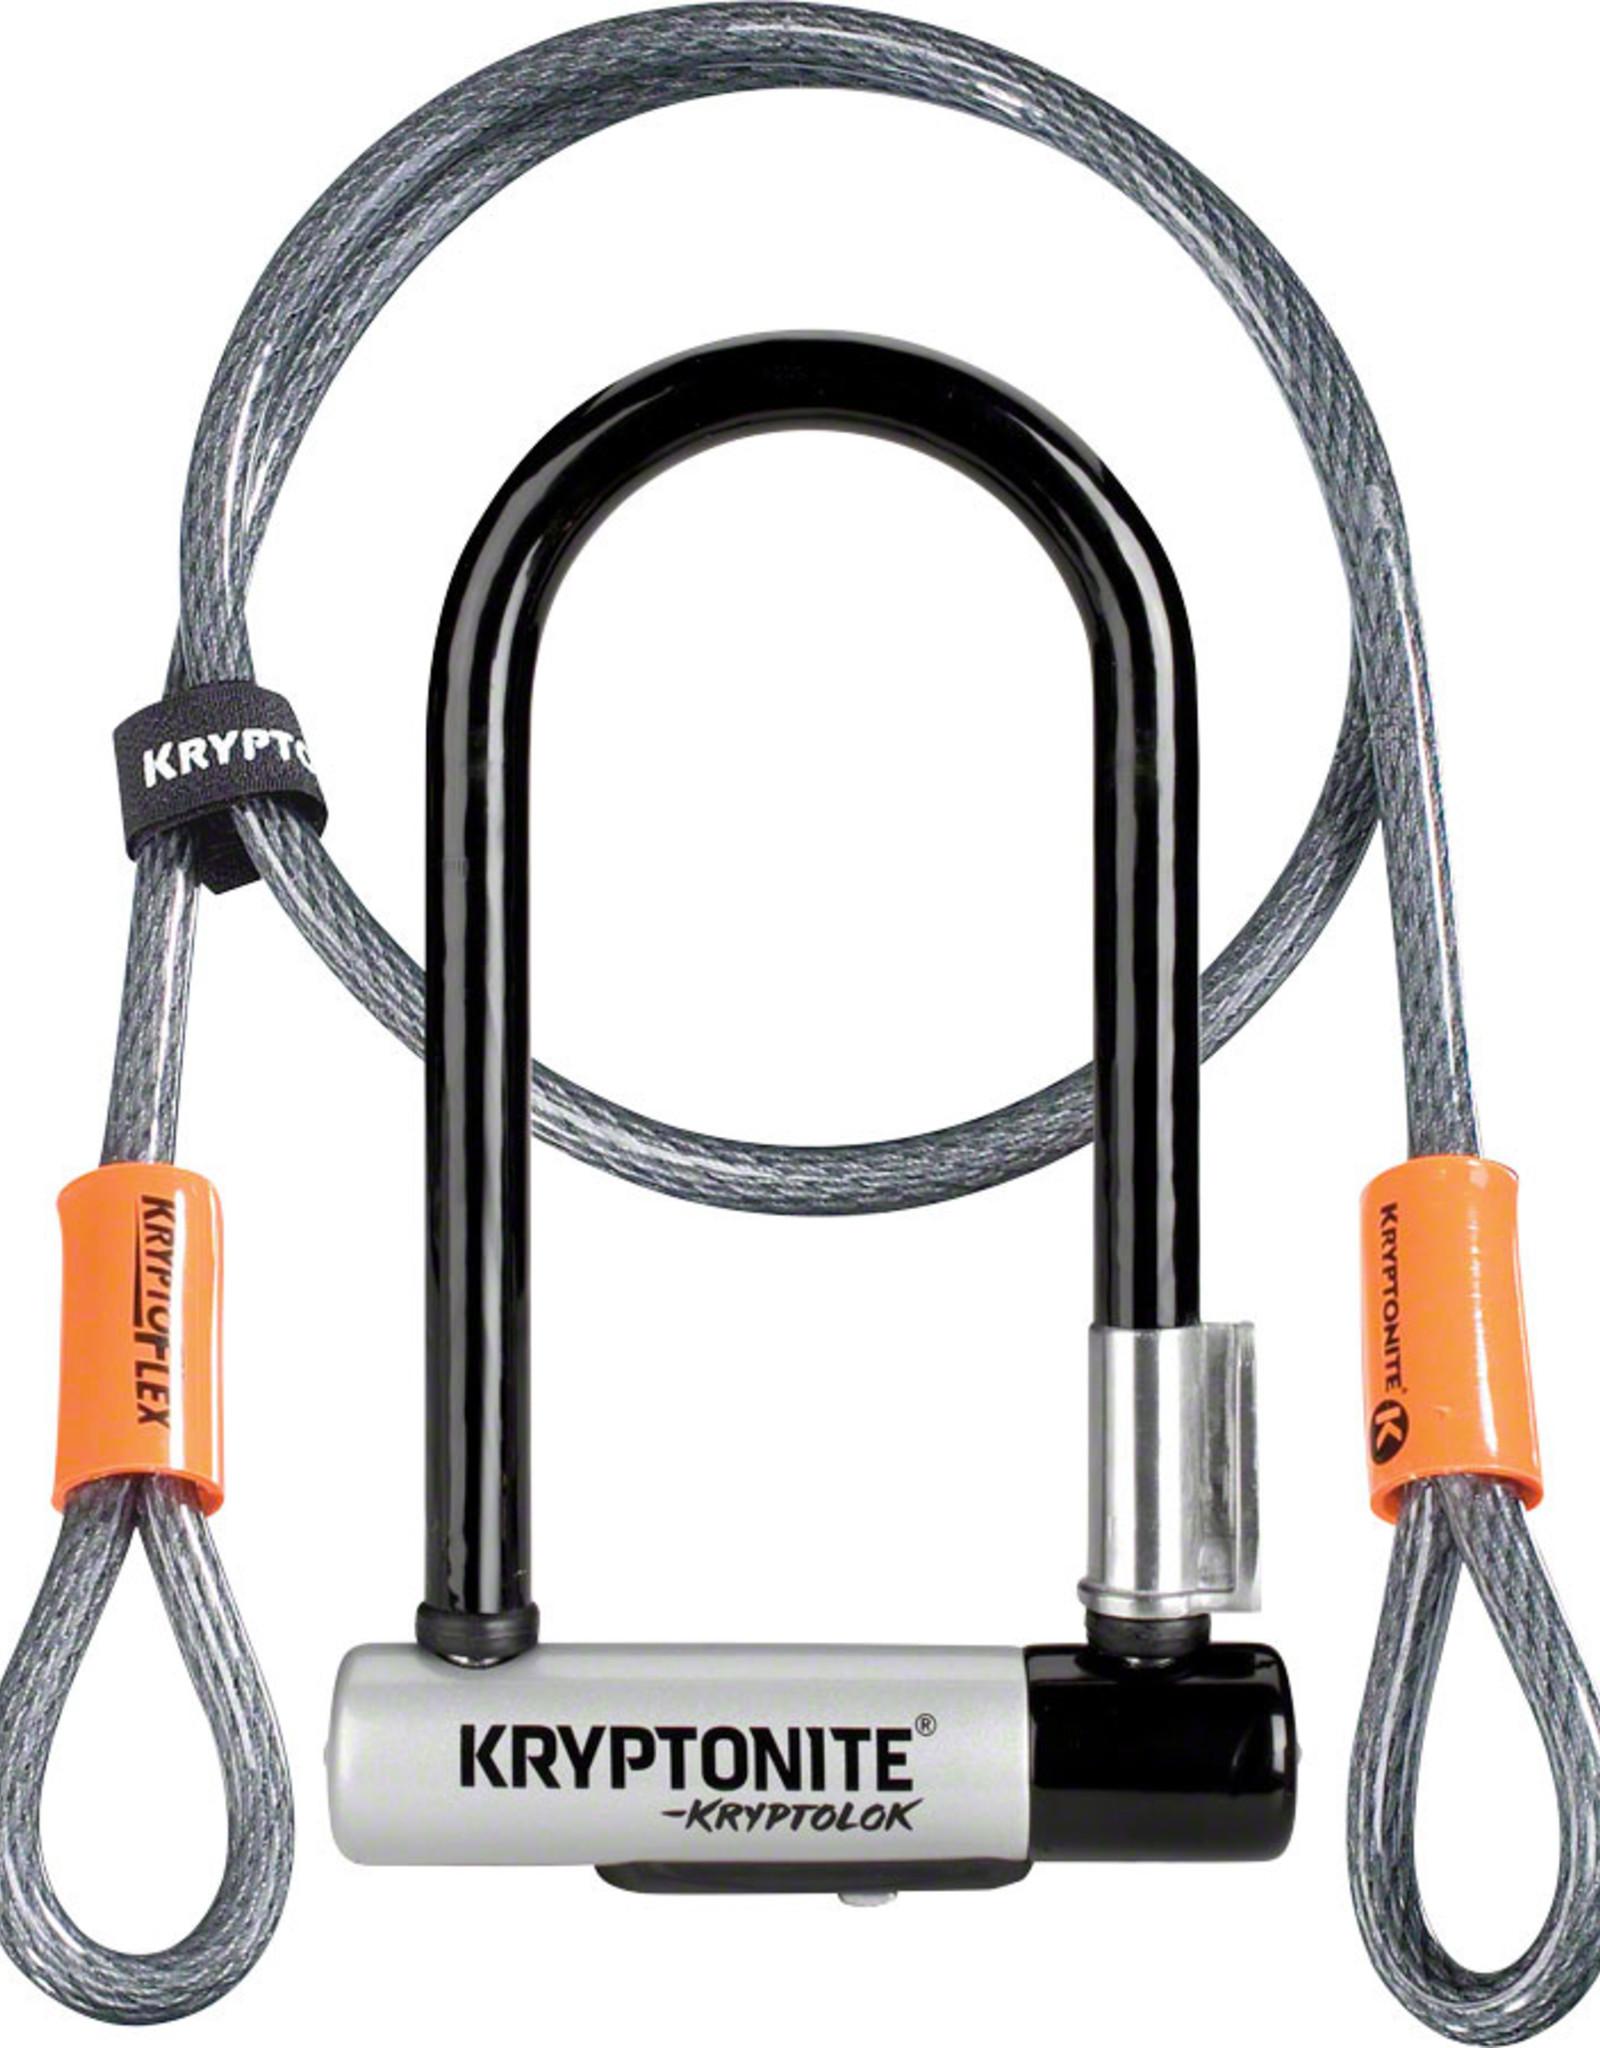 Kryptonite U-Lock Kryptolok Mini-7 3.25x7 w/4ft-Cable and Bracket